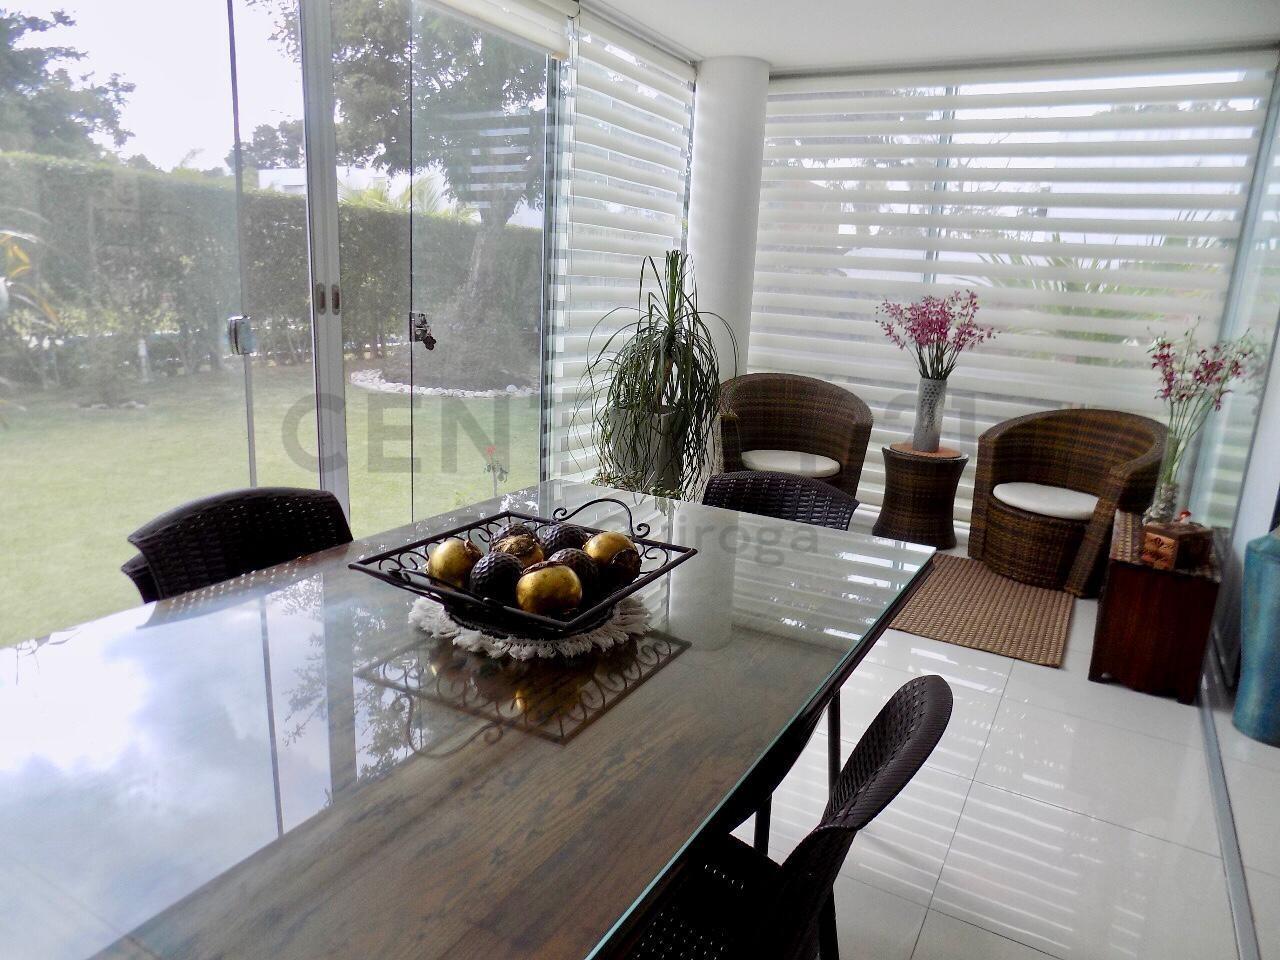 Casa en Alquiler CASA EN AQUILER CONDOMINIO COSTA LOS BATOS URUBO Foto 3